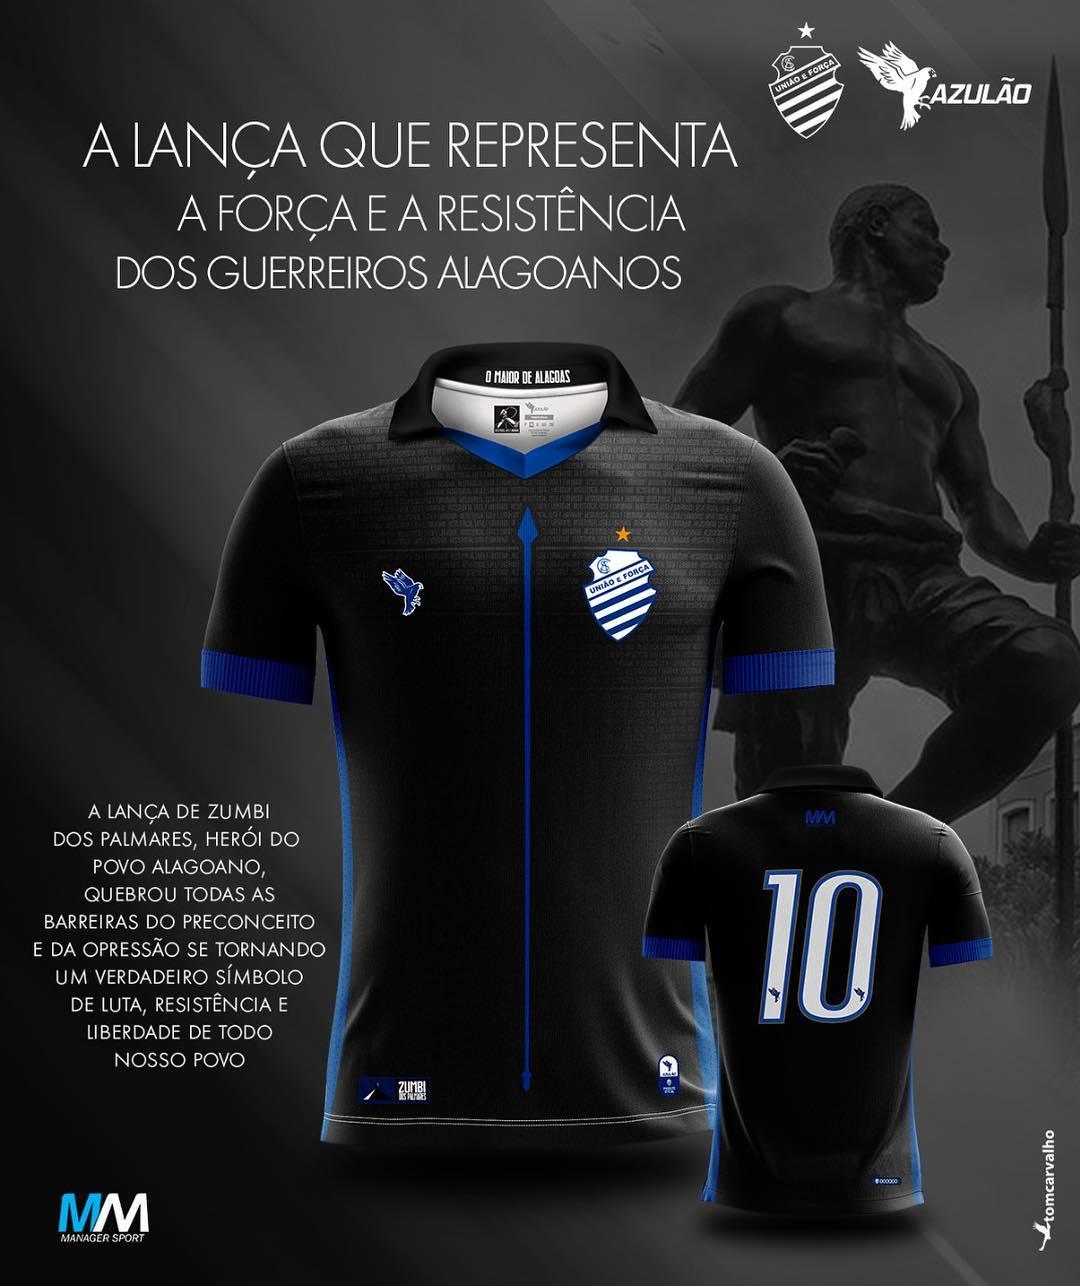 Camisas raras de futebol: CSA